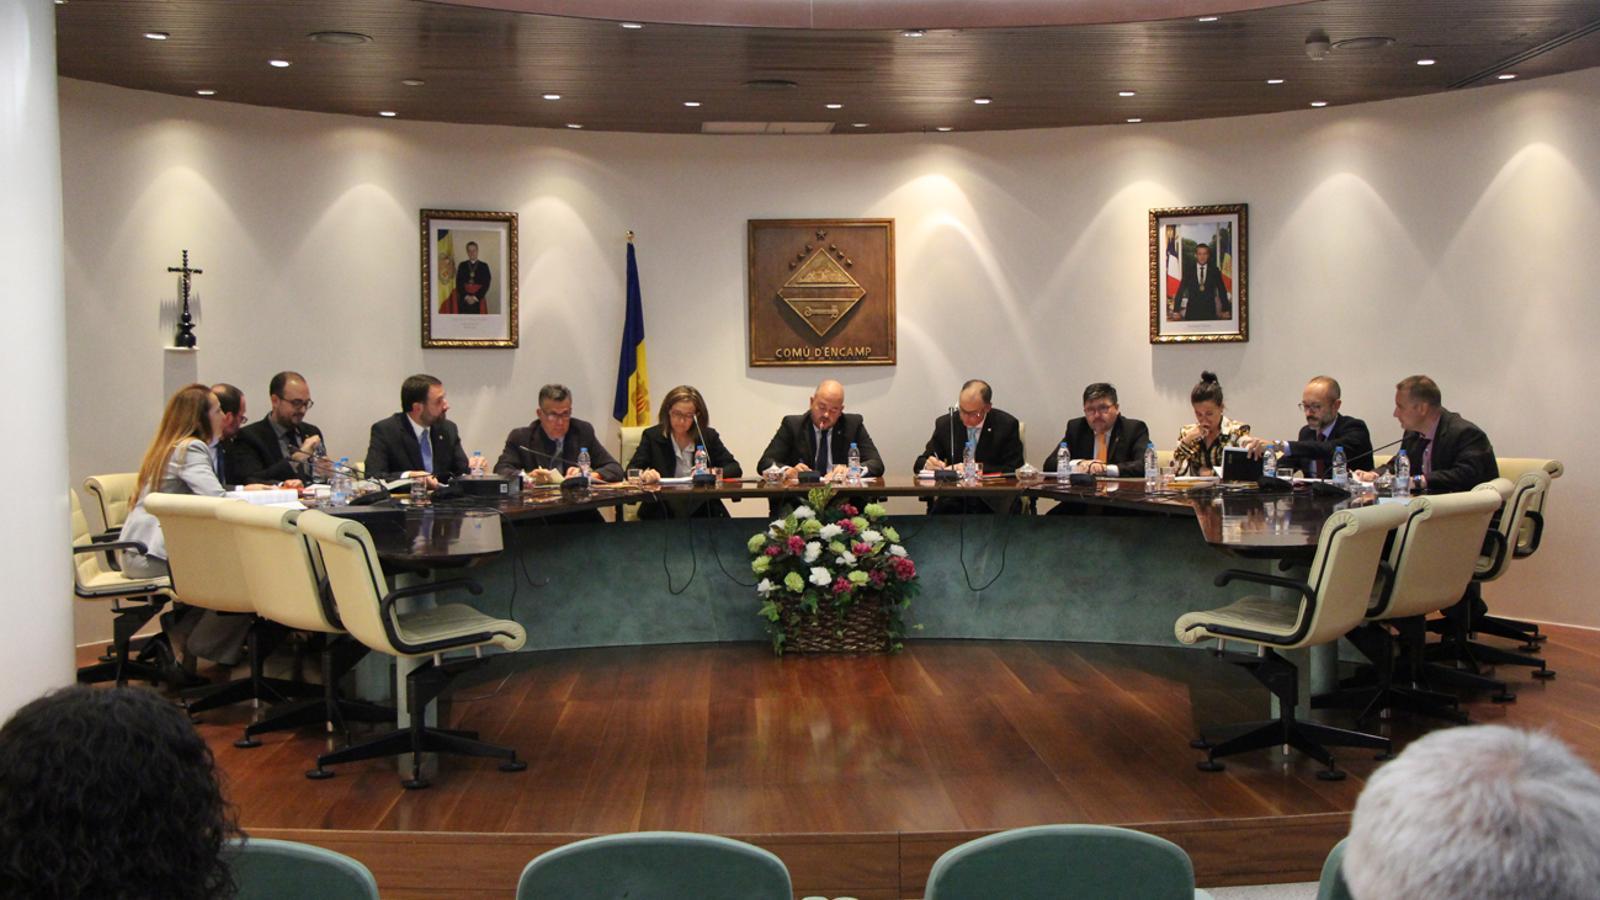 Sessió de consell de comú d'Encamp celebrada aquest dijous. / T. N. (ANA)